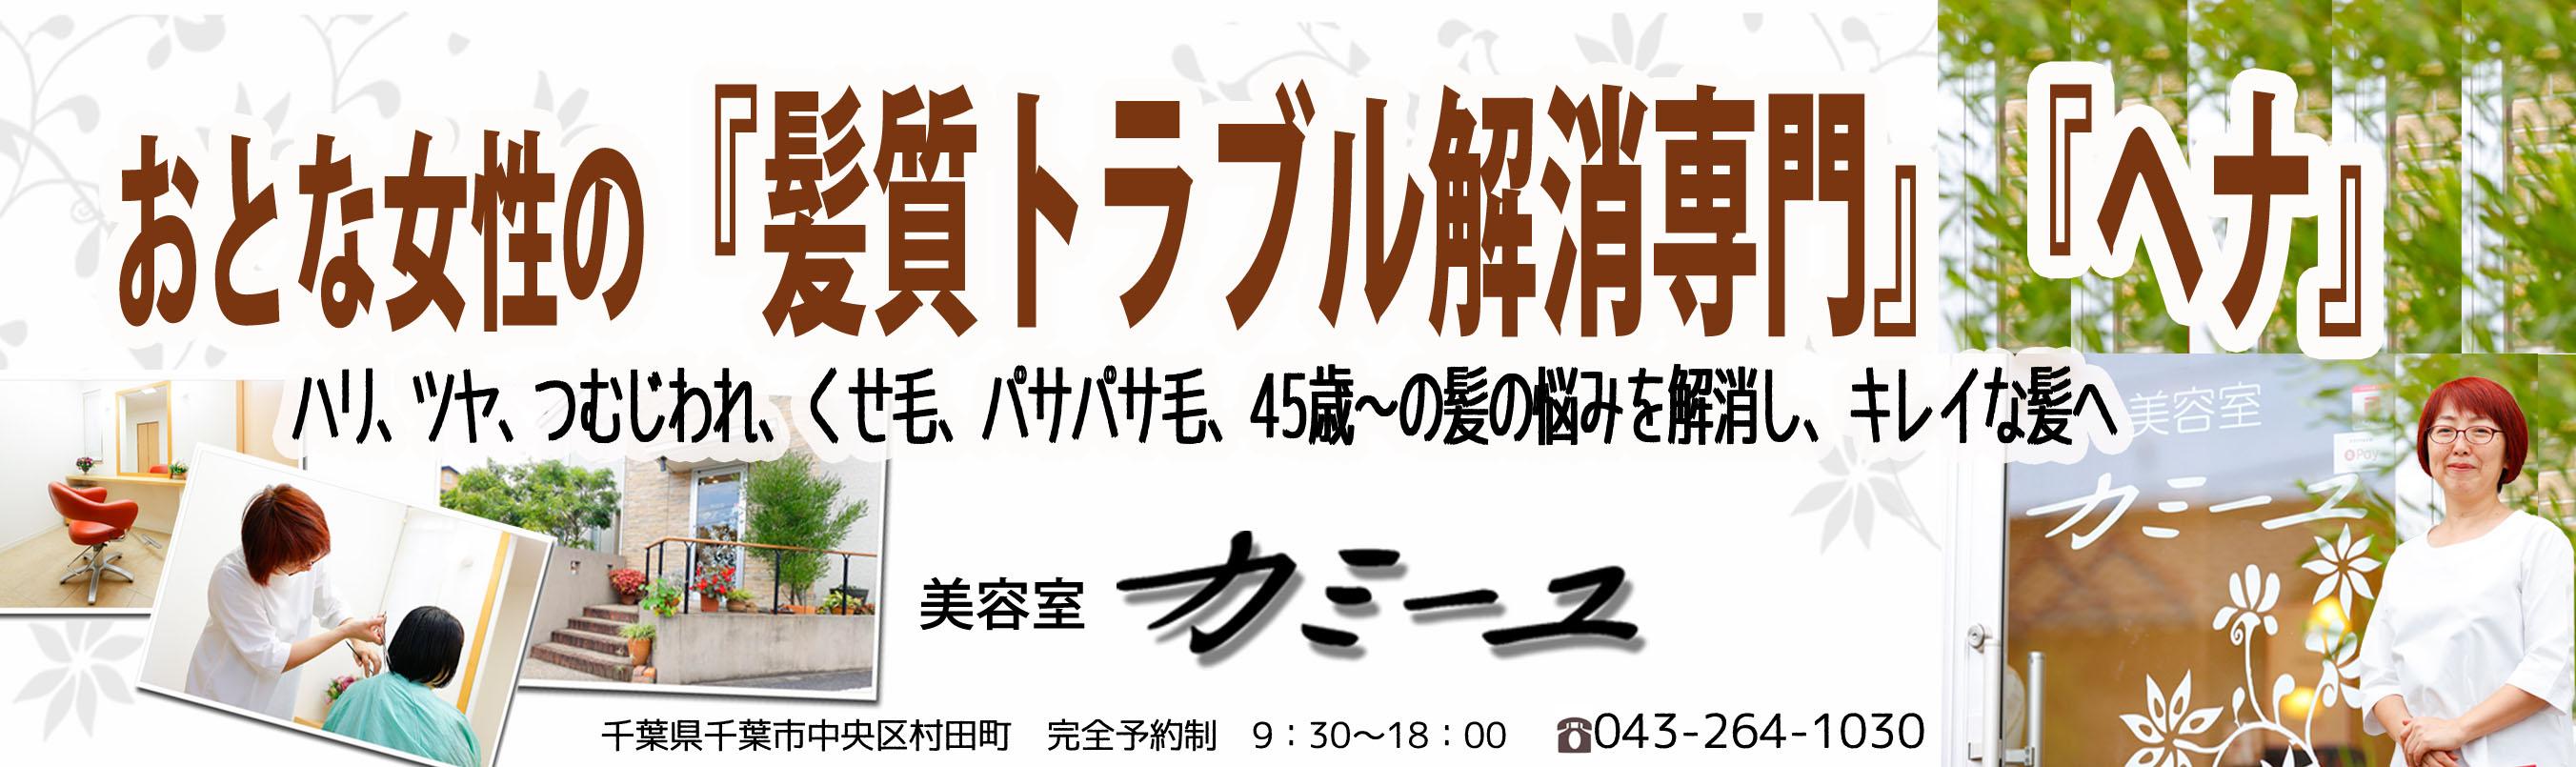 大人女性のための「髪質トラブル専門」「100%天然ヘナ」美容室 - 千葉県 浜野駅 カミーユ